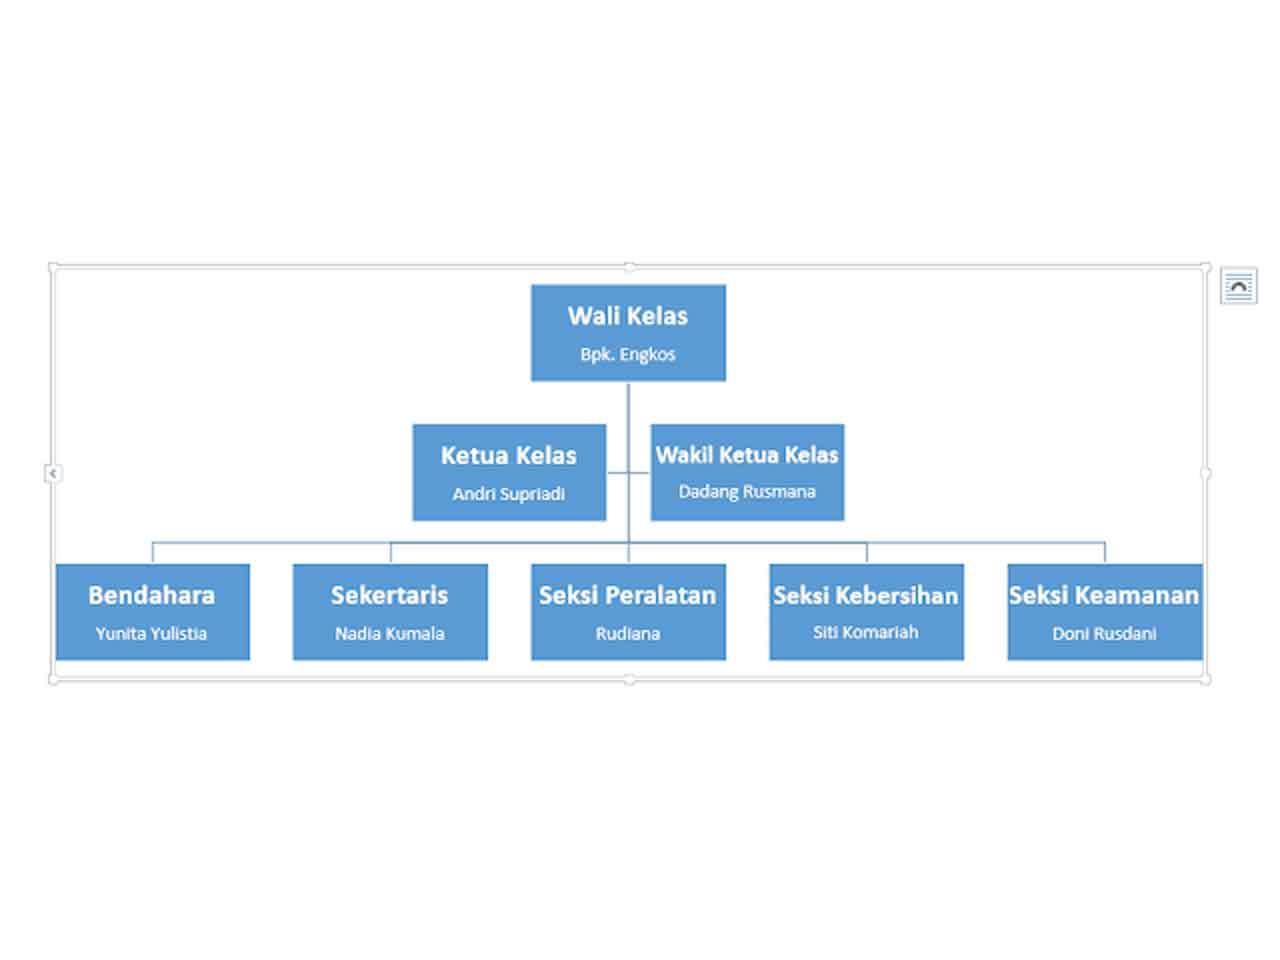 Gambar Struktur Kelas Yang Unik - AR Production